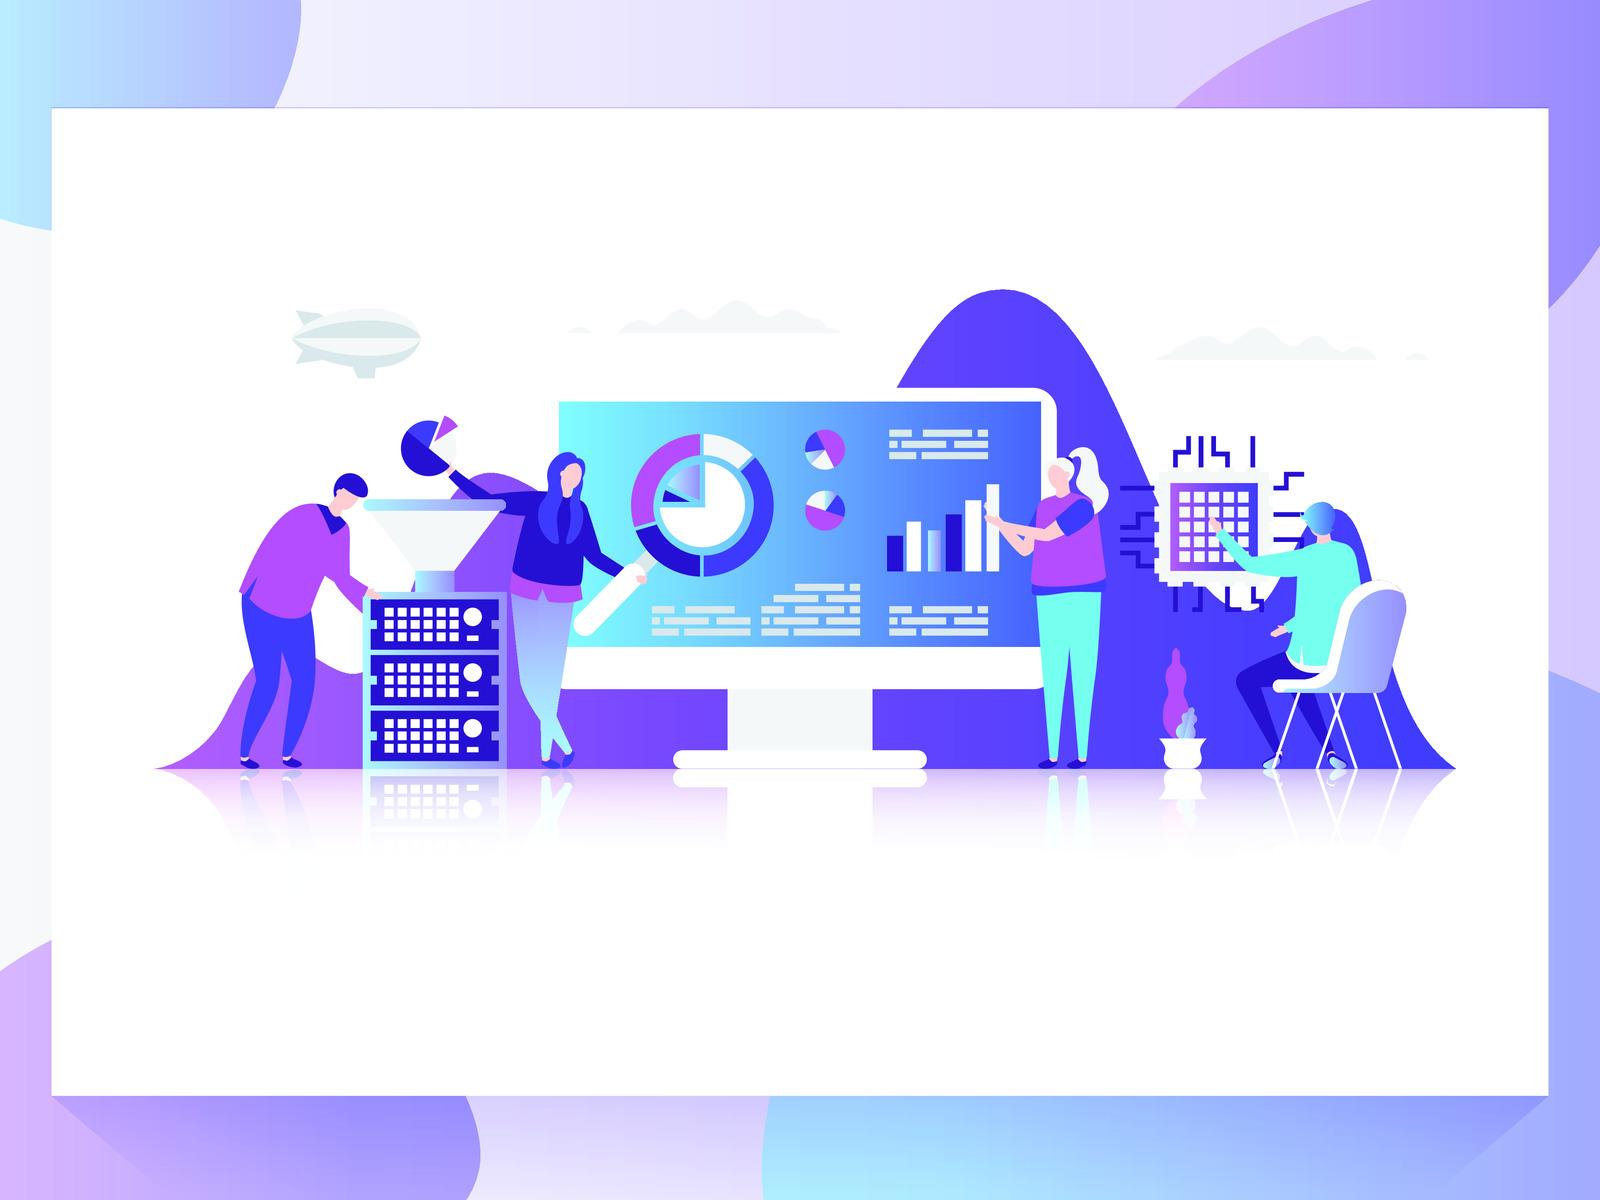 Technology business data analysis